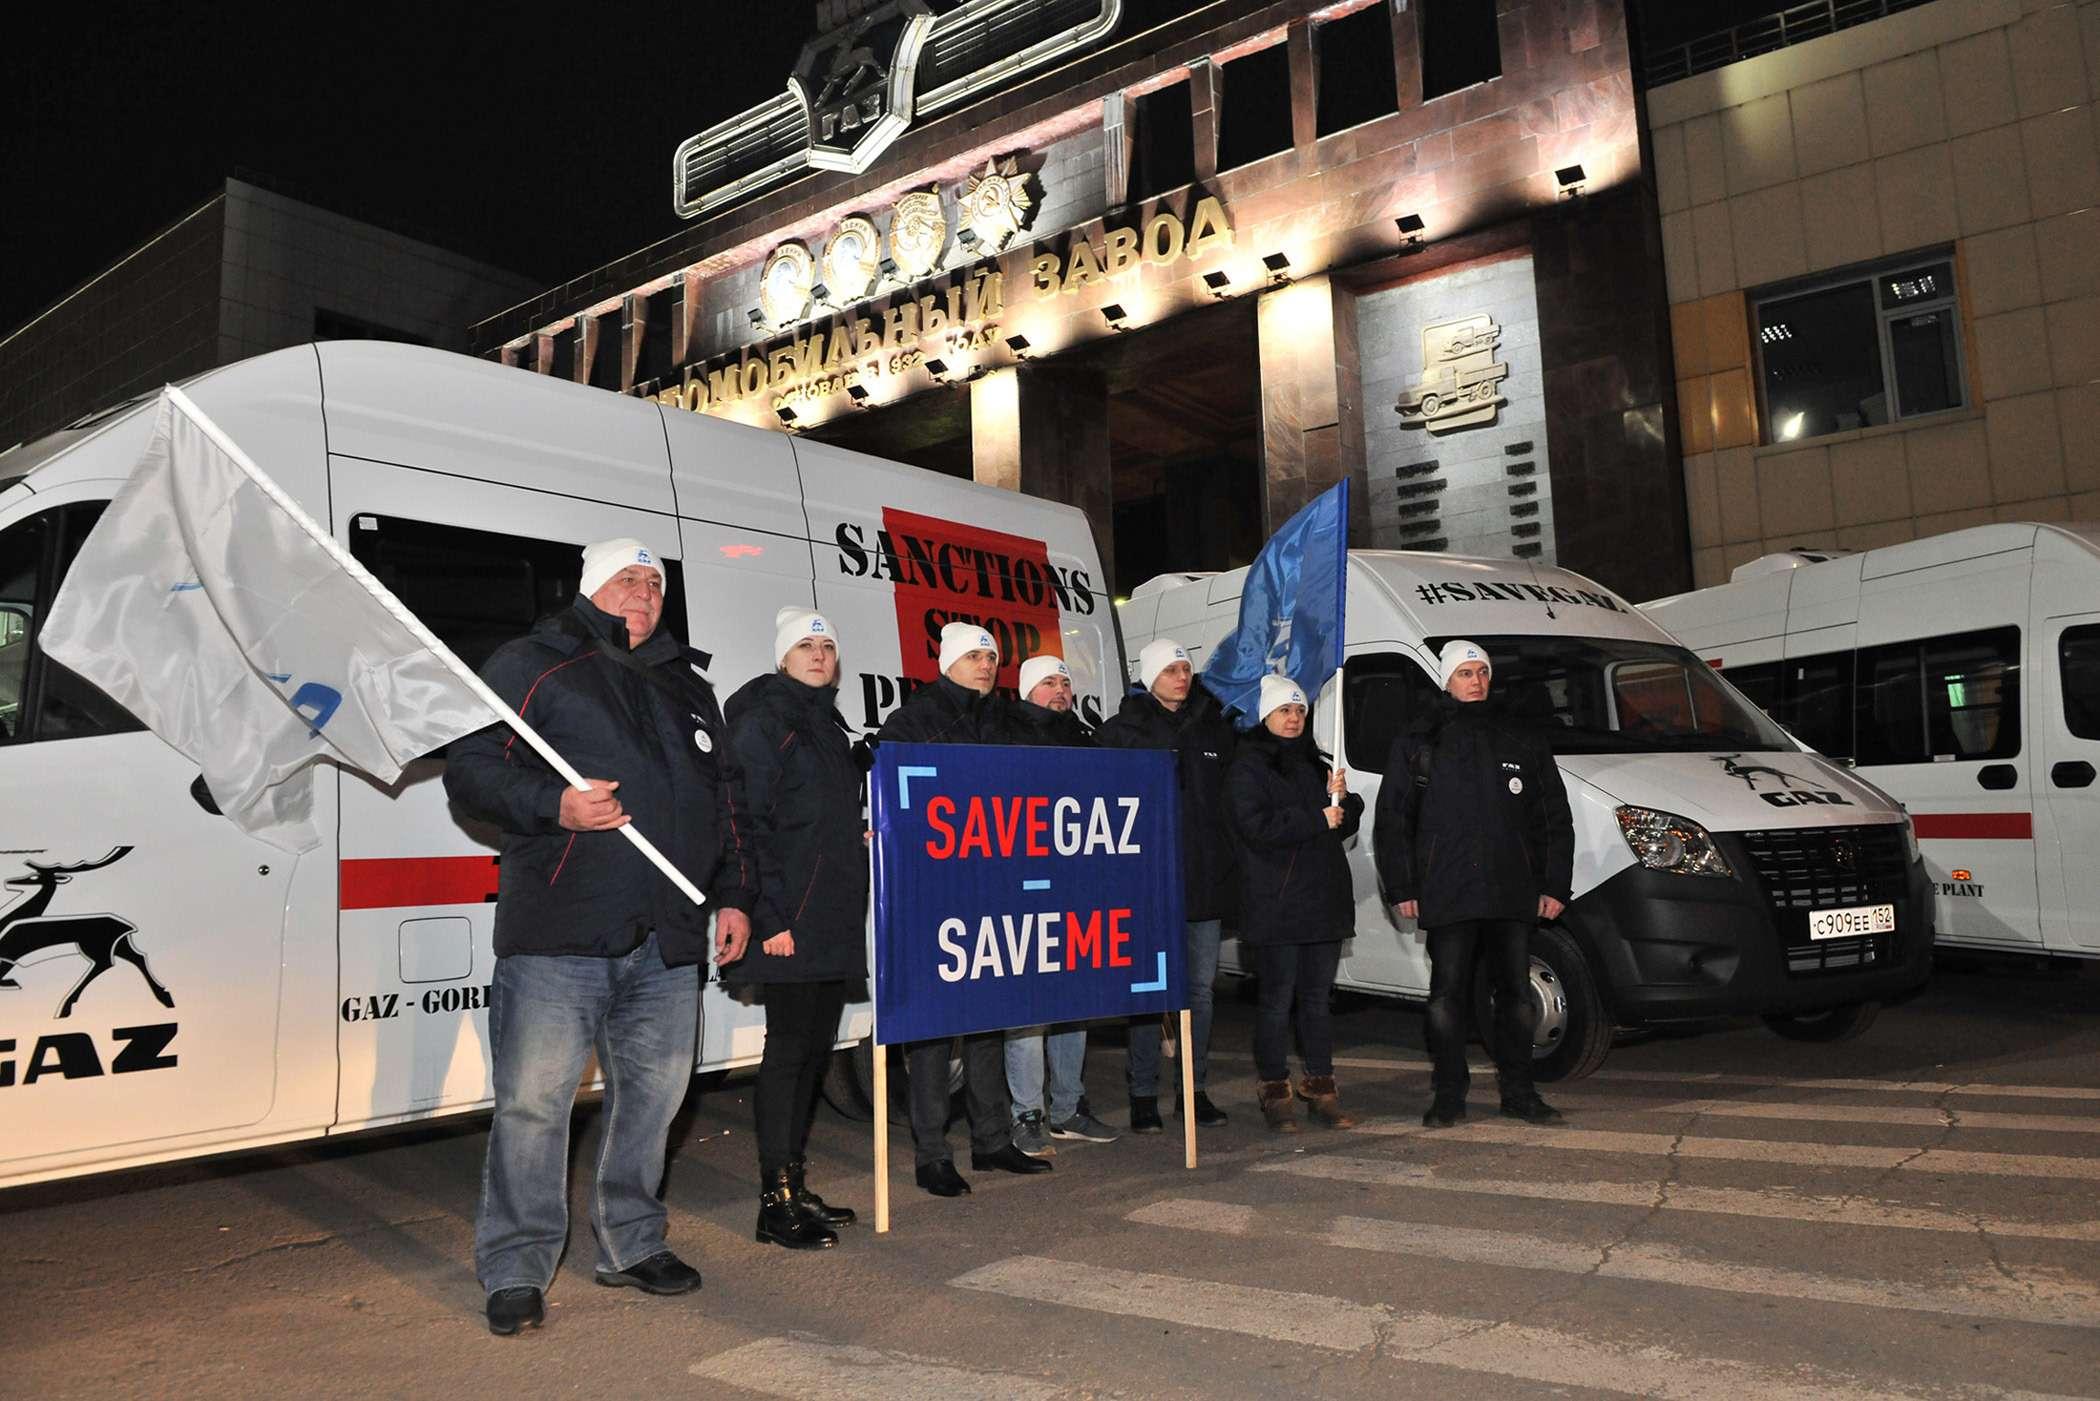 Охужэти санкции! Рабочие ГАЗа отправились протестовать вГерманию— фото 1012725